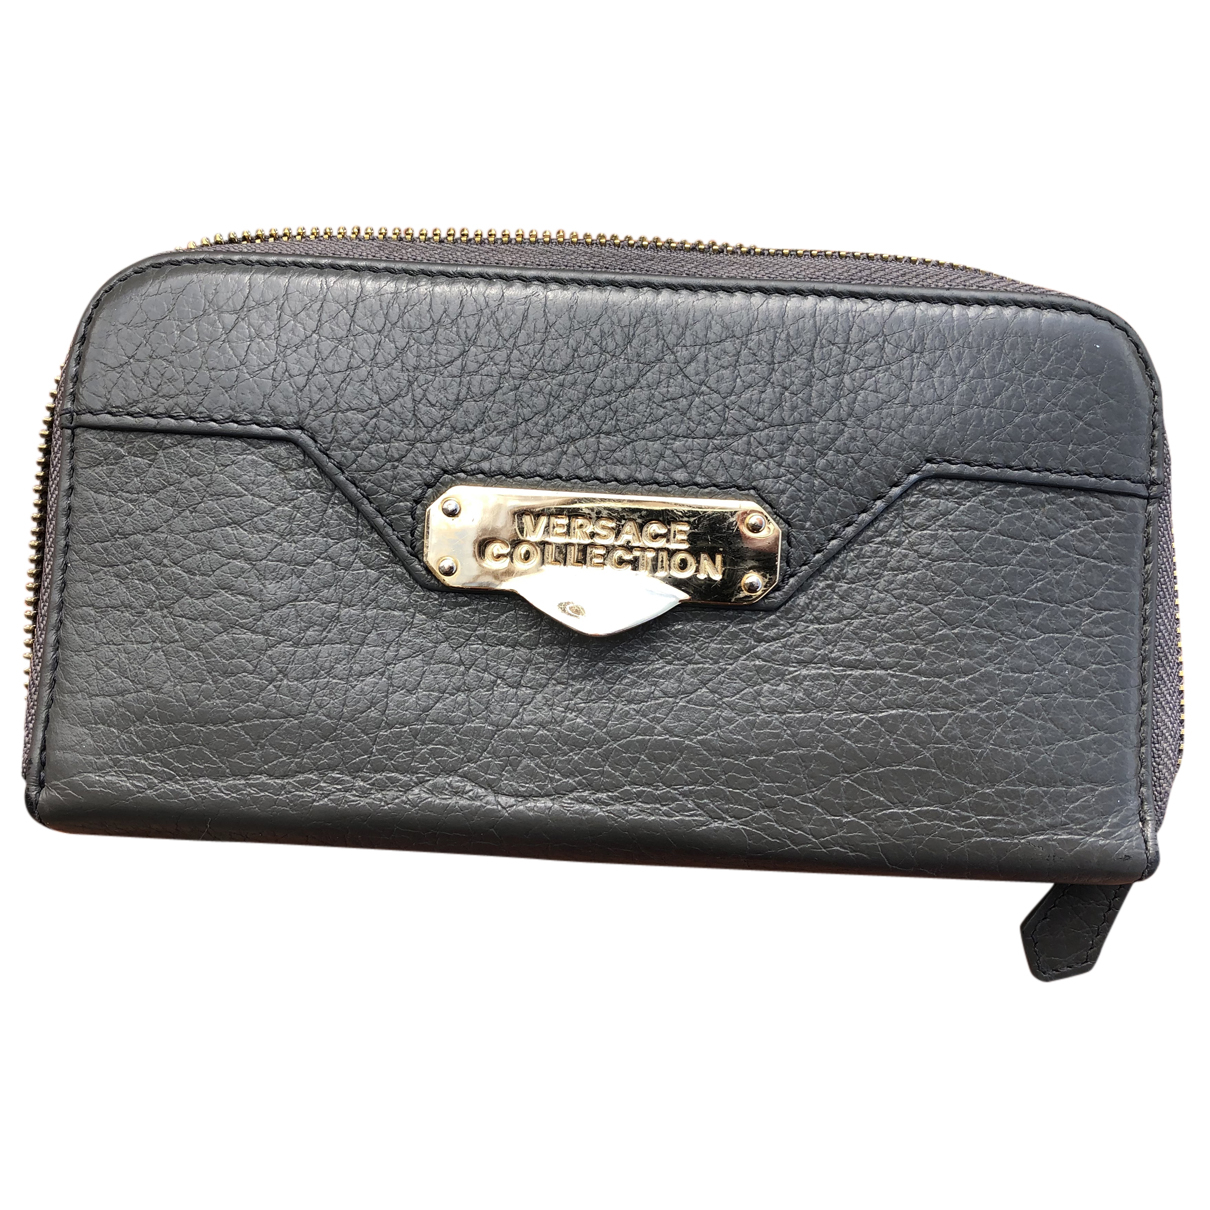 Versace \N Portemonnaie in  Grau Leder